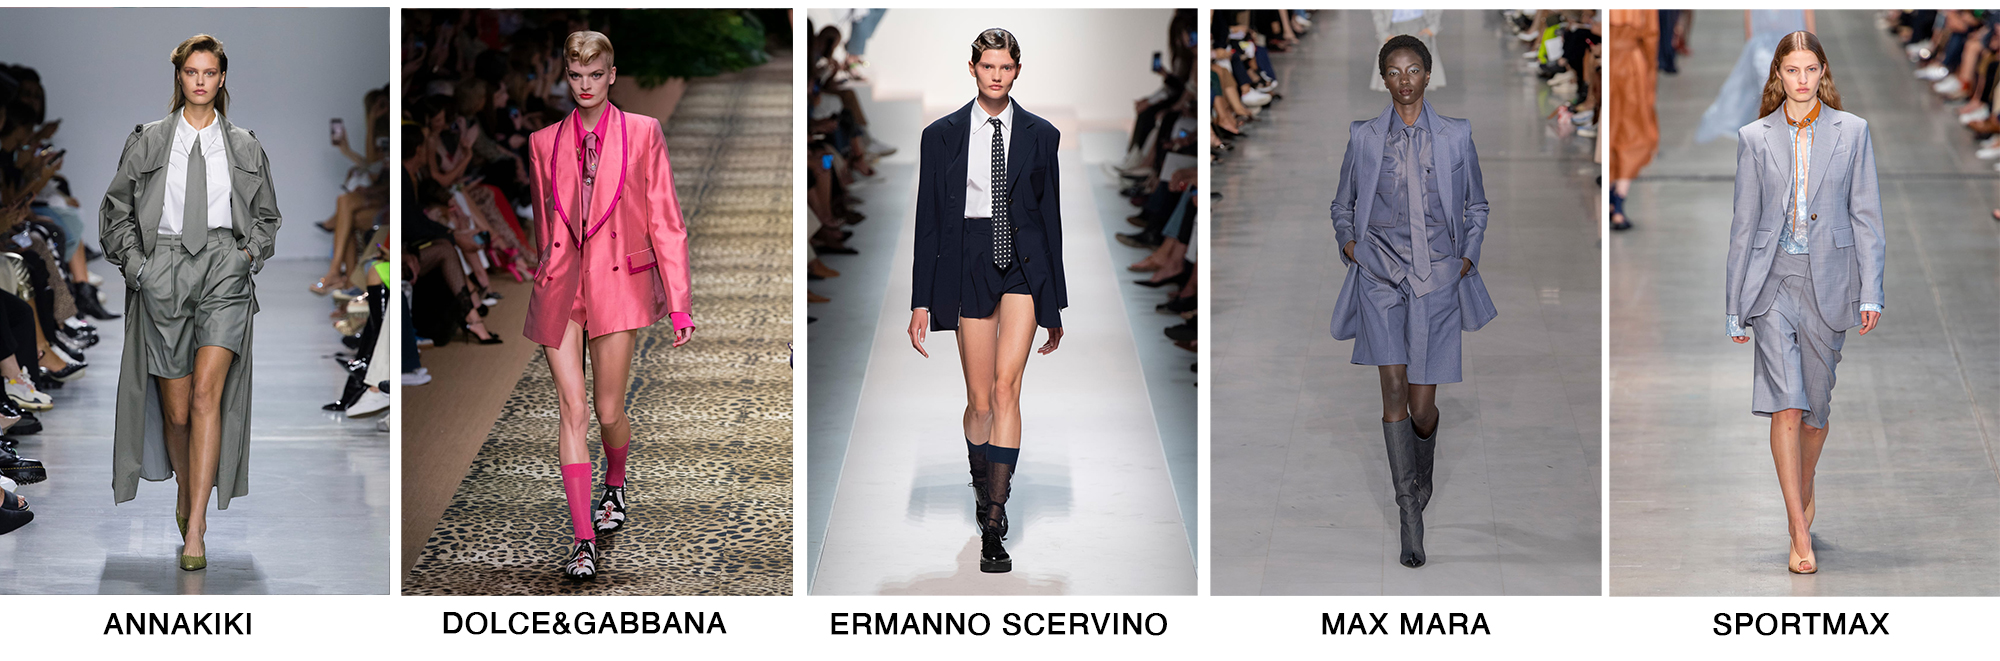 5 ярких трендов миланской недели моды 2020